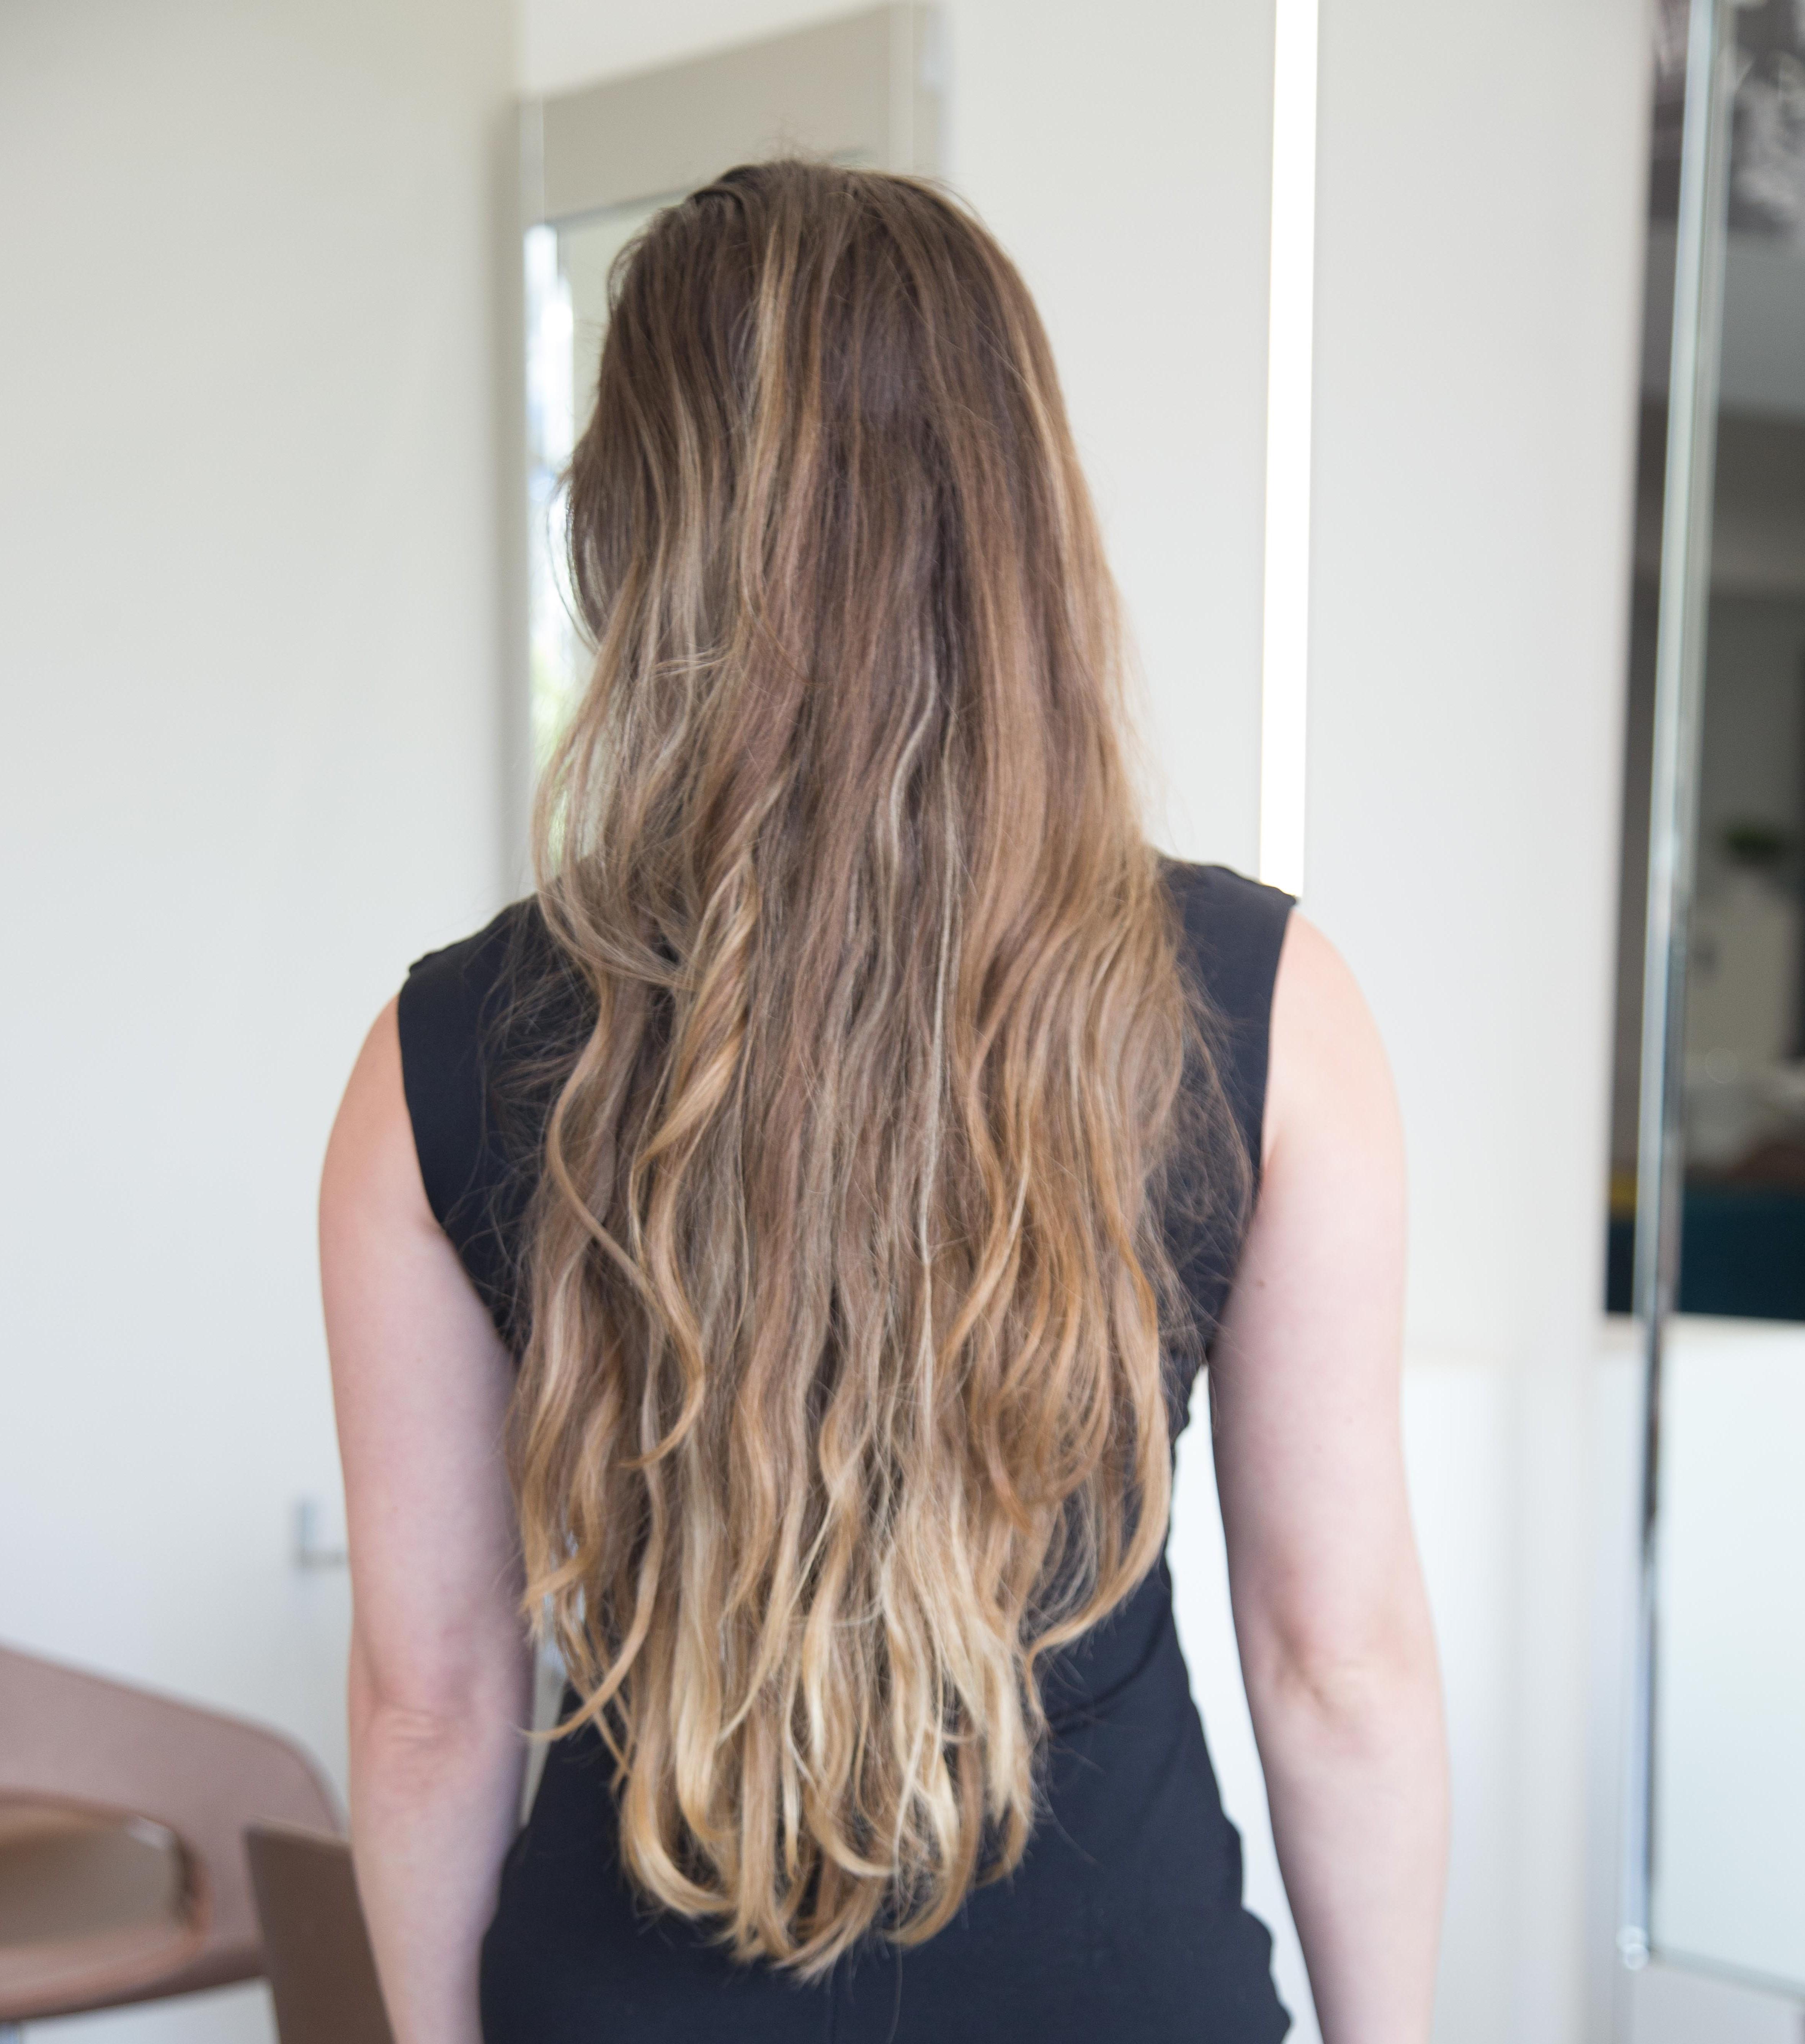 Así  lucía la cabellera antes del tratamiento en el salon de belleza.